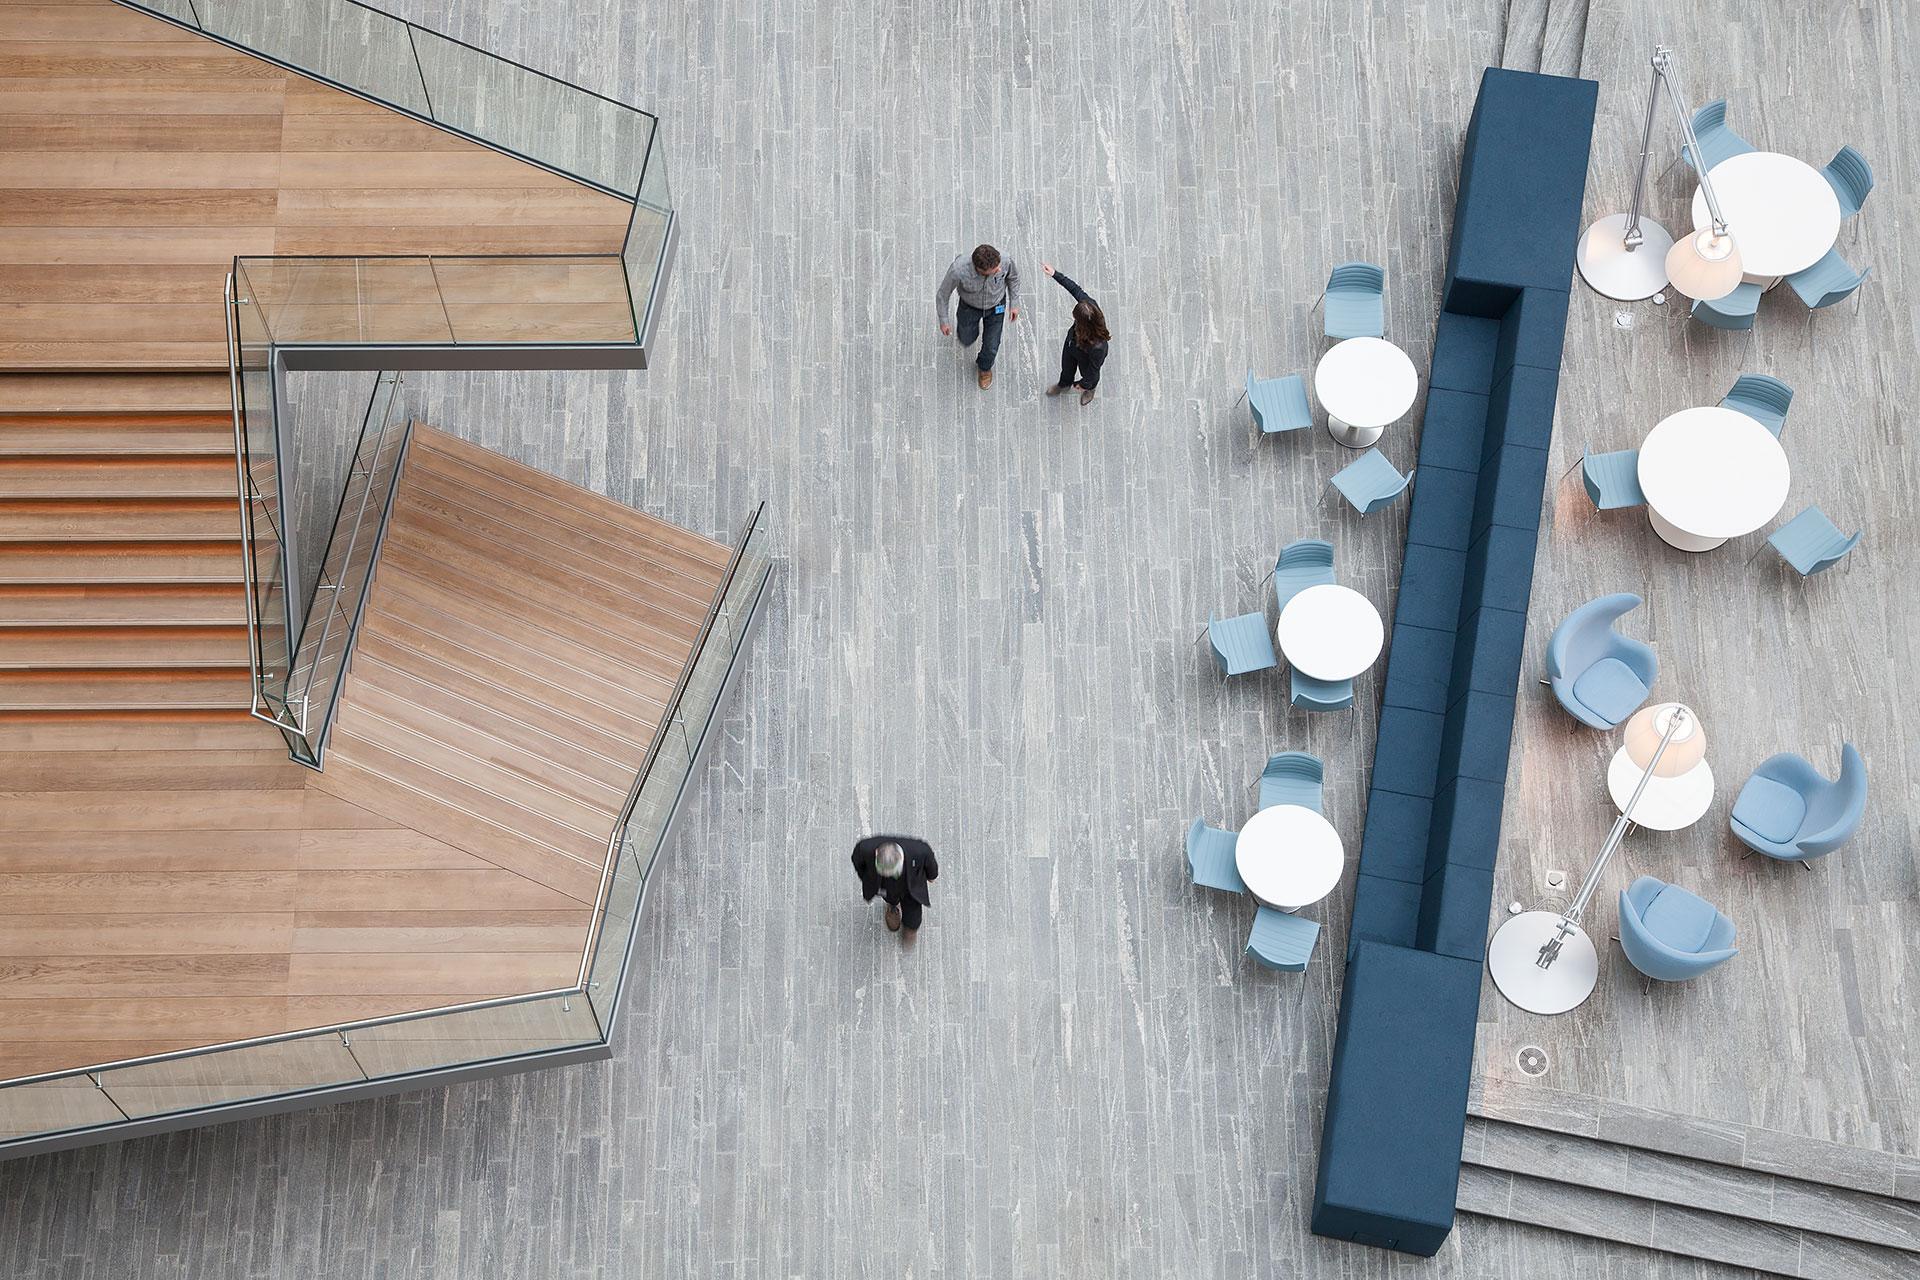 Architectuurfoto-The-Edge-Amsterdam-2